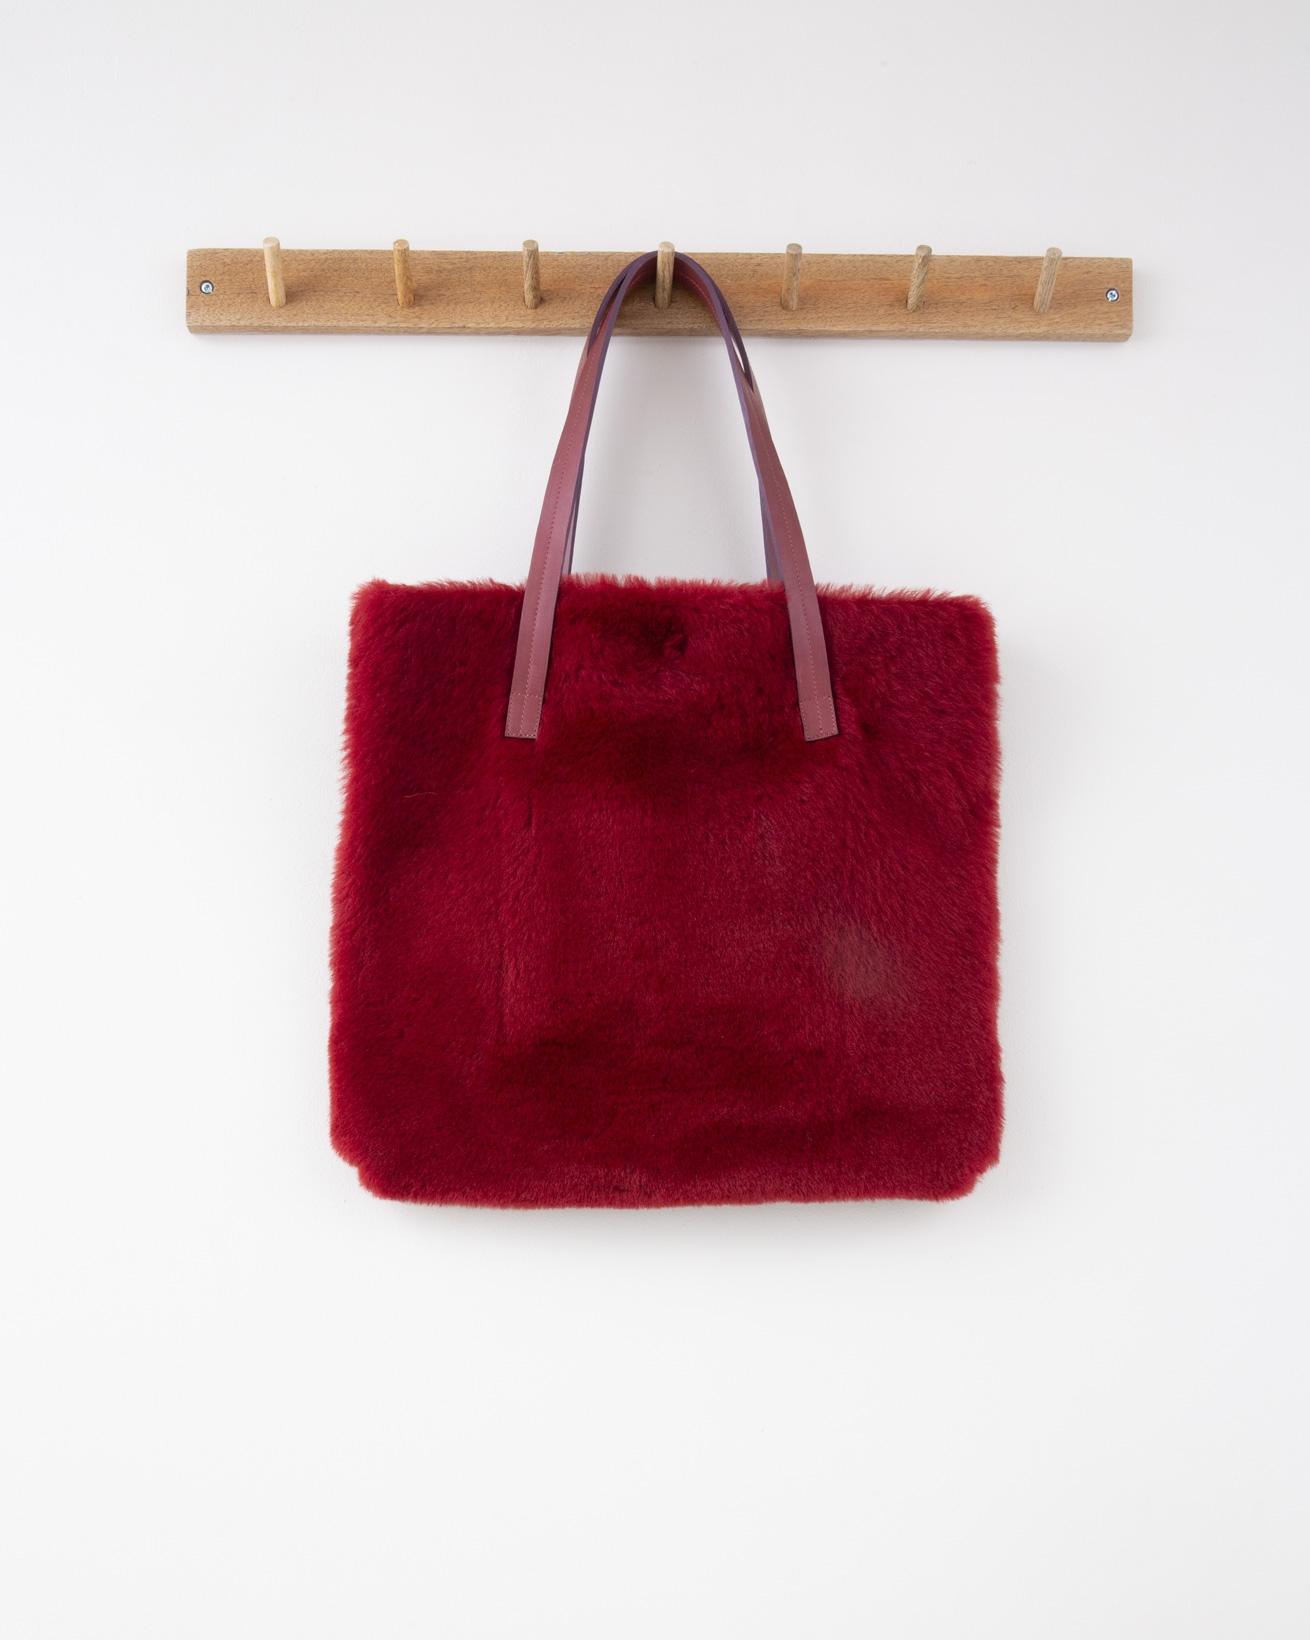 Sheepskin Shoulder Bag - 40cm x 35cm - Claret - 1293